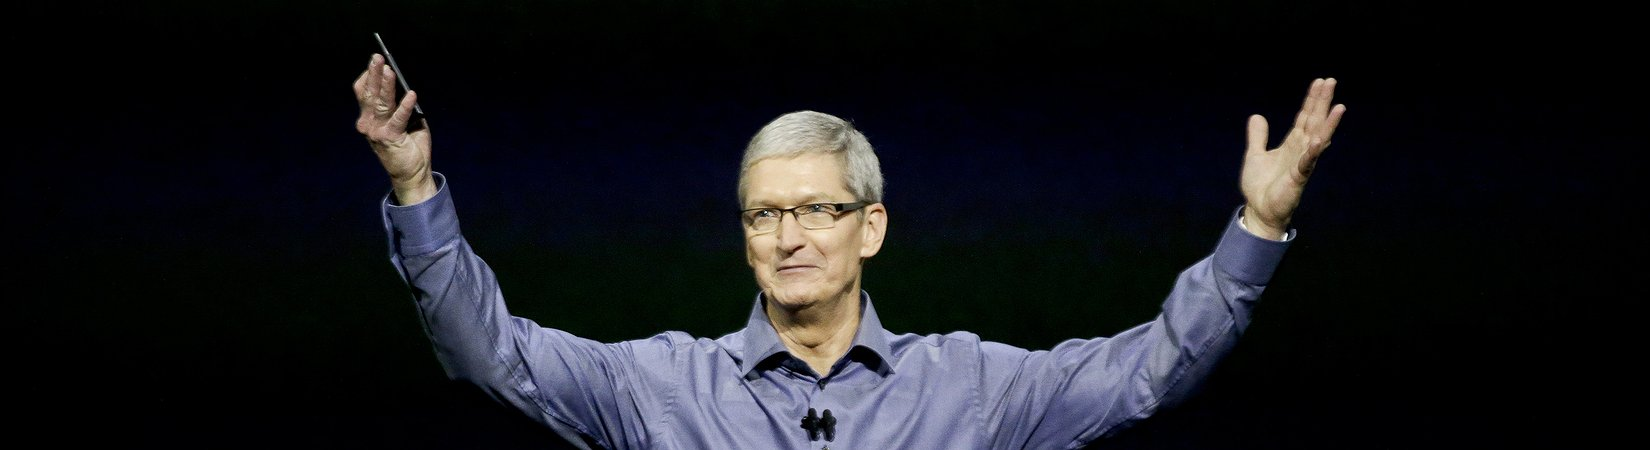 Капитализация Apple впервые превысила $900 млрд на закрытии торгов